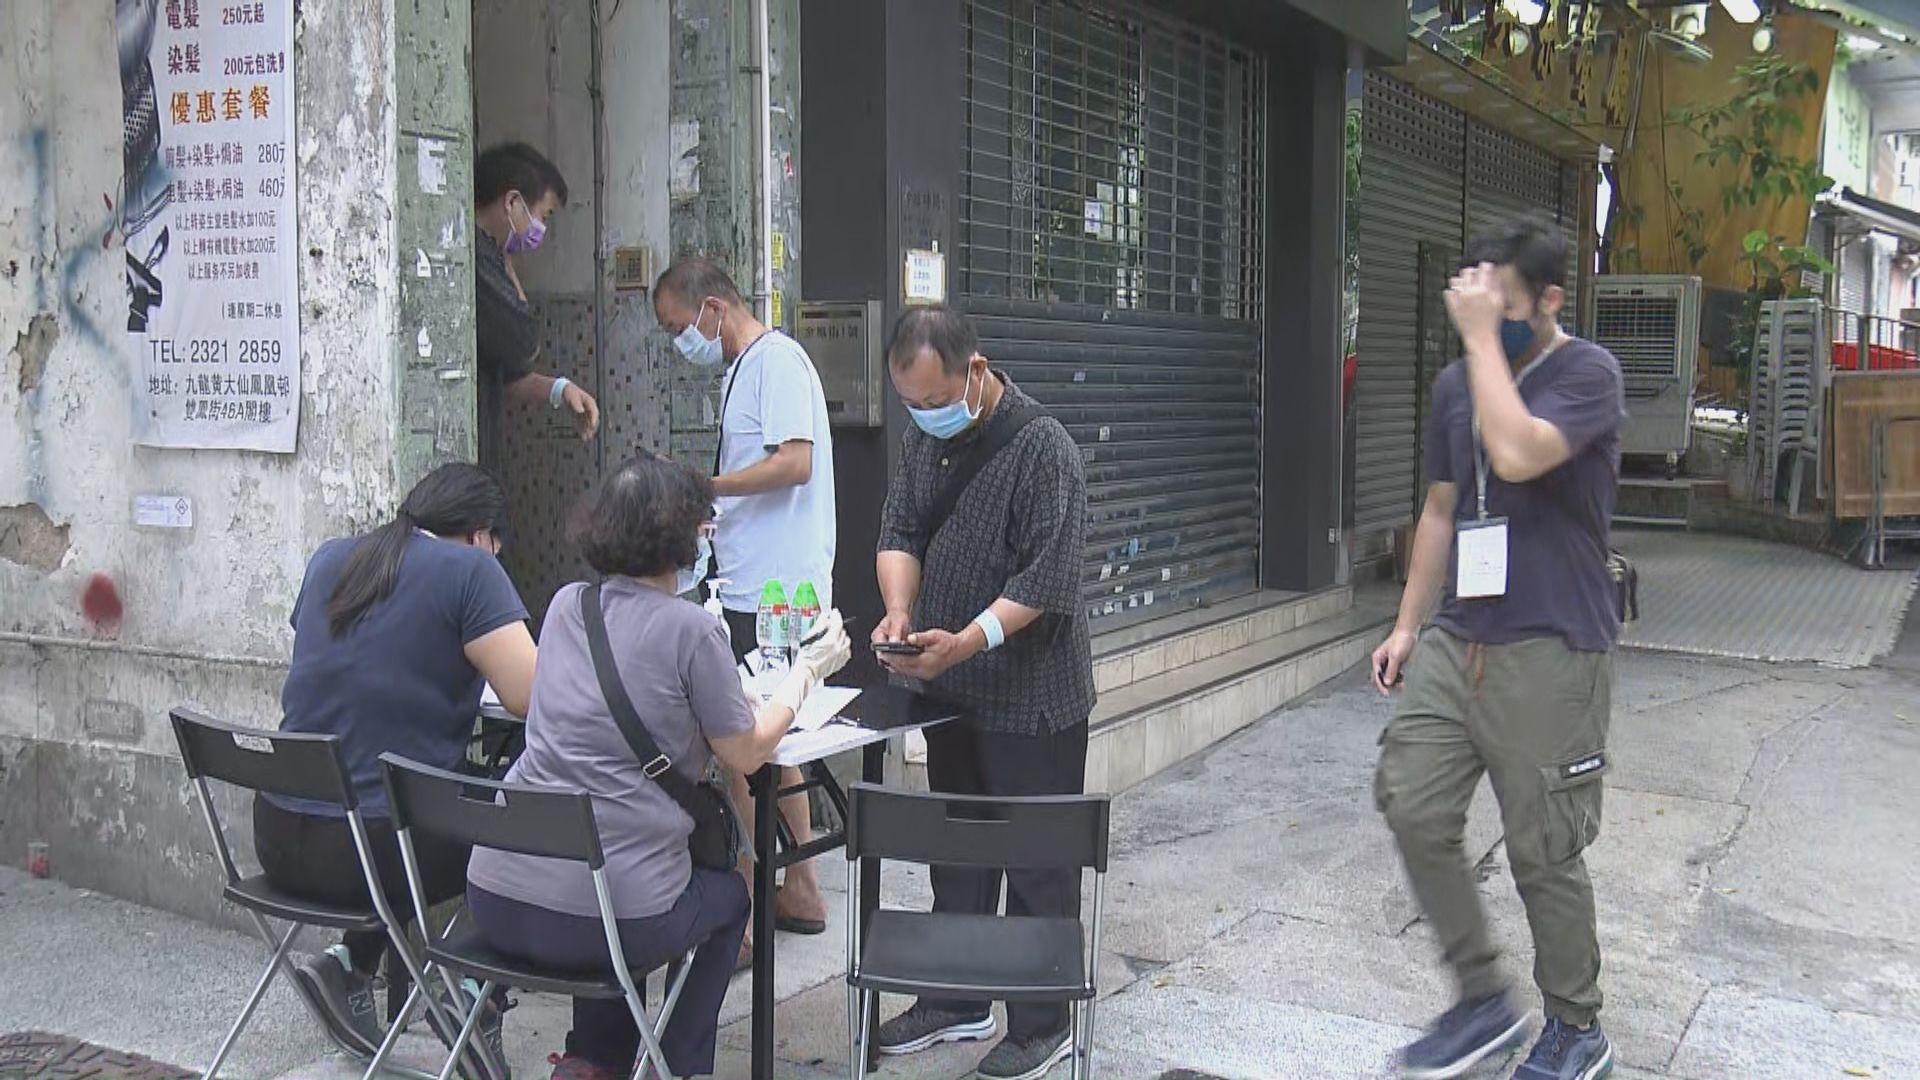 黃大仙金鳳街1至3號完成圍封強檢無發現確診個案